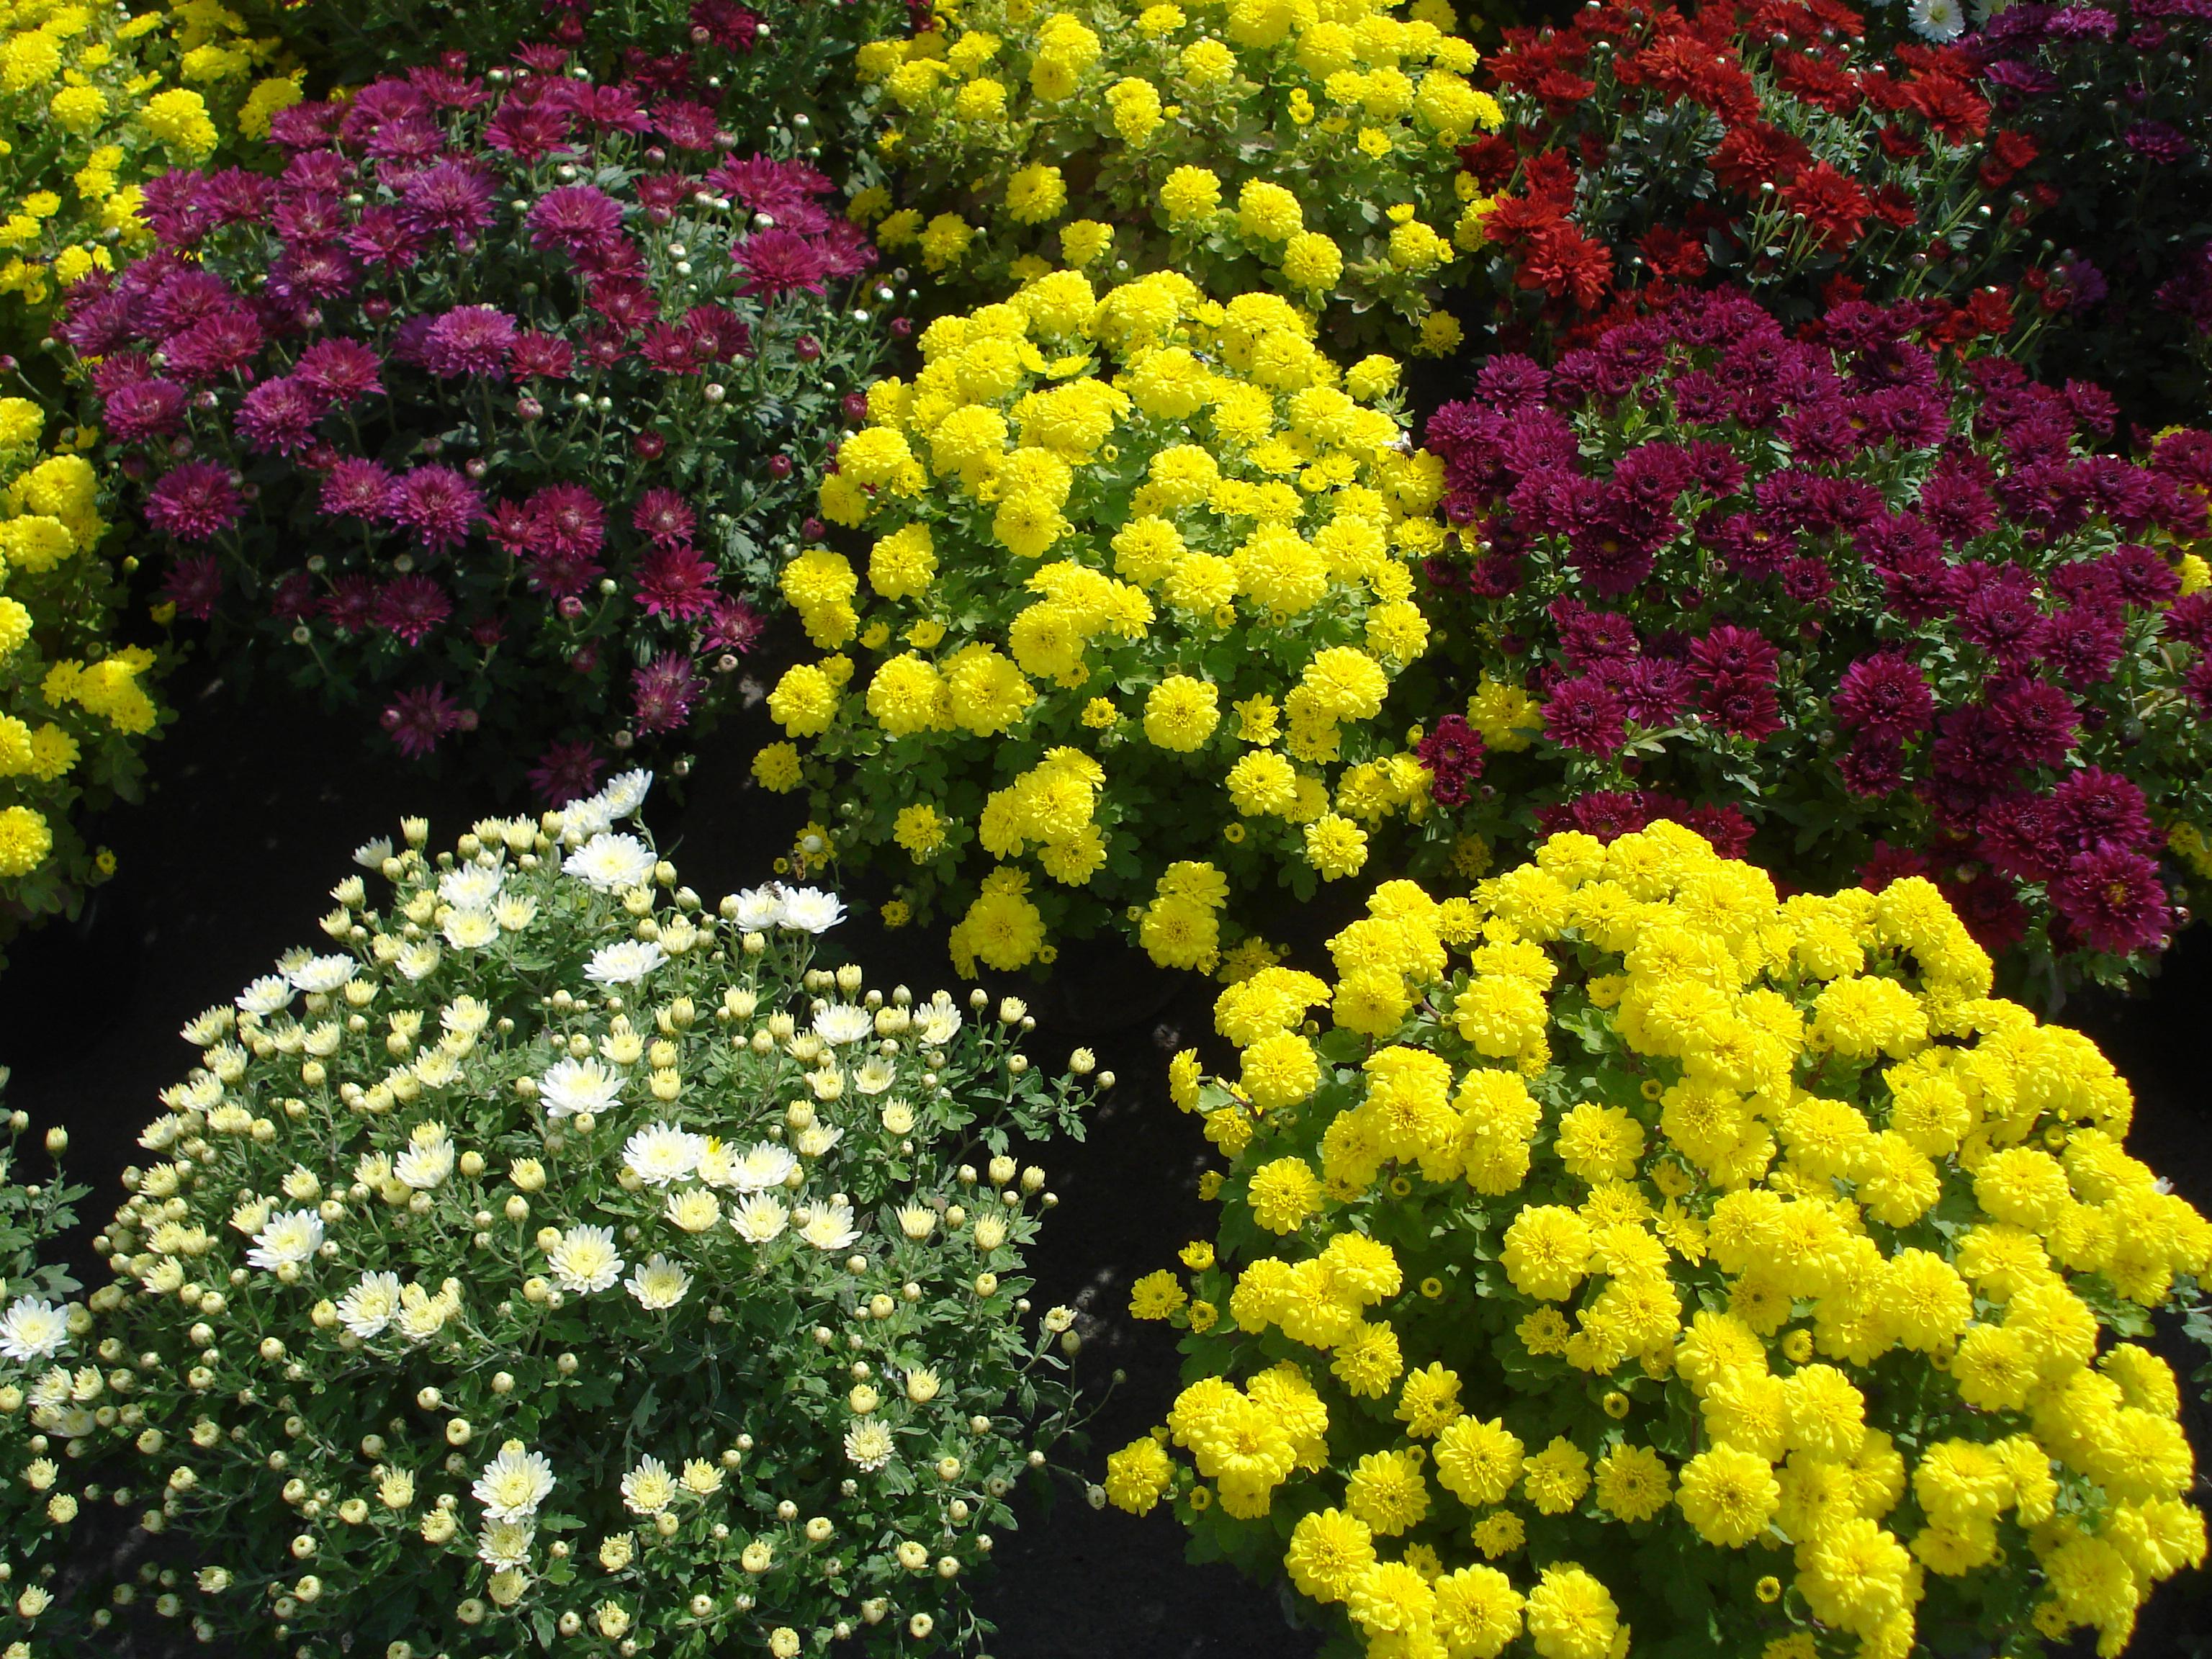 sfatulparintilor.ro - flori crizanteme - stockfreeimages.com